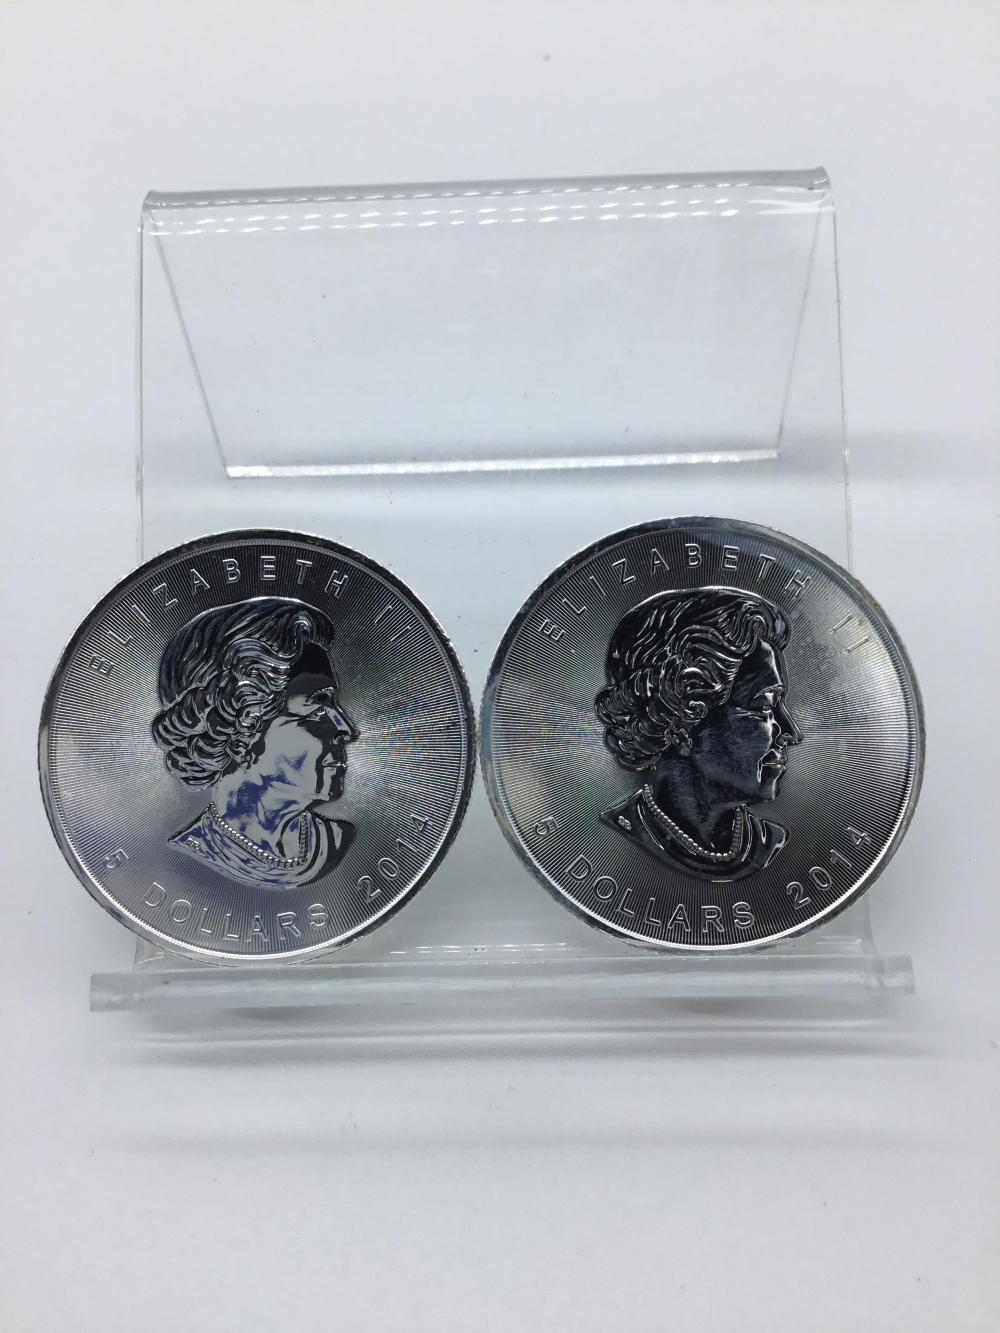 2014 Canada Maple leaf Silver $5